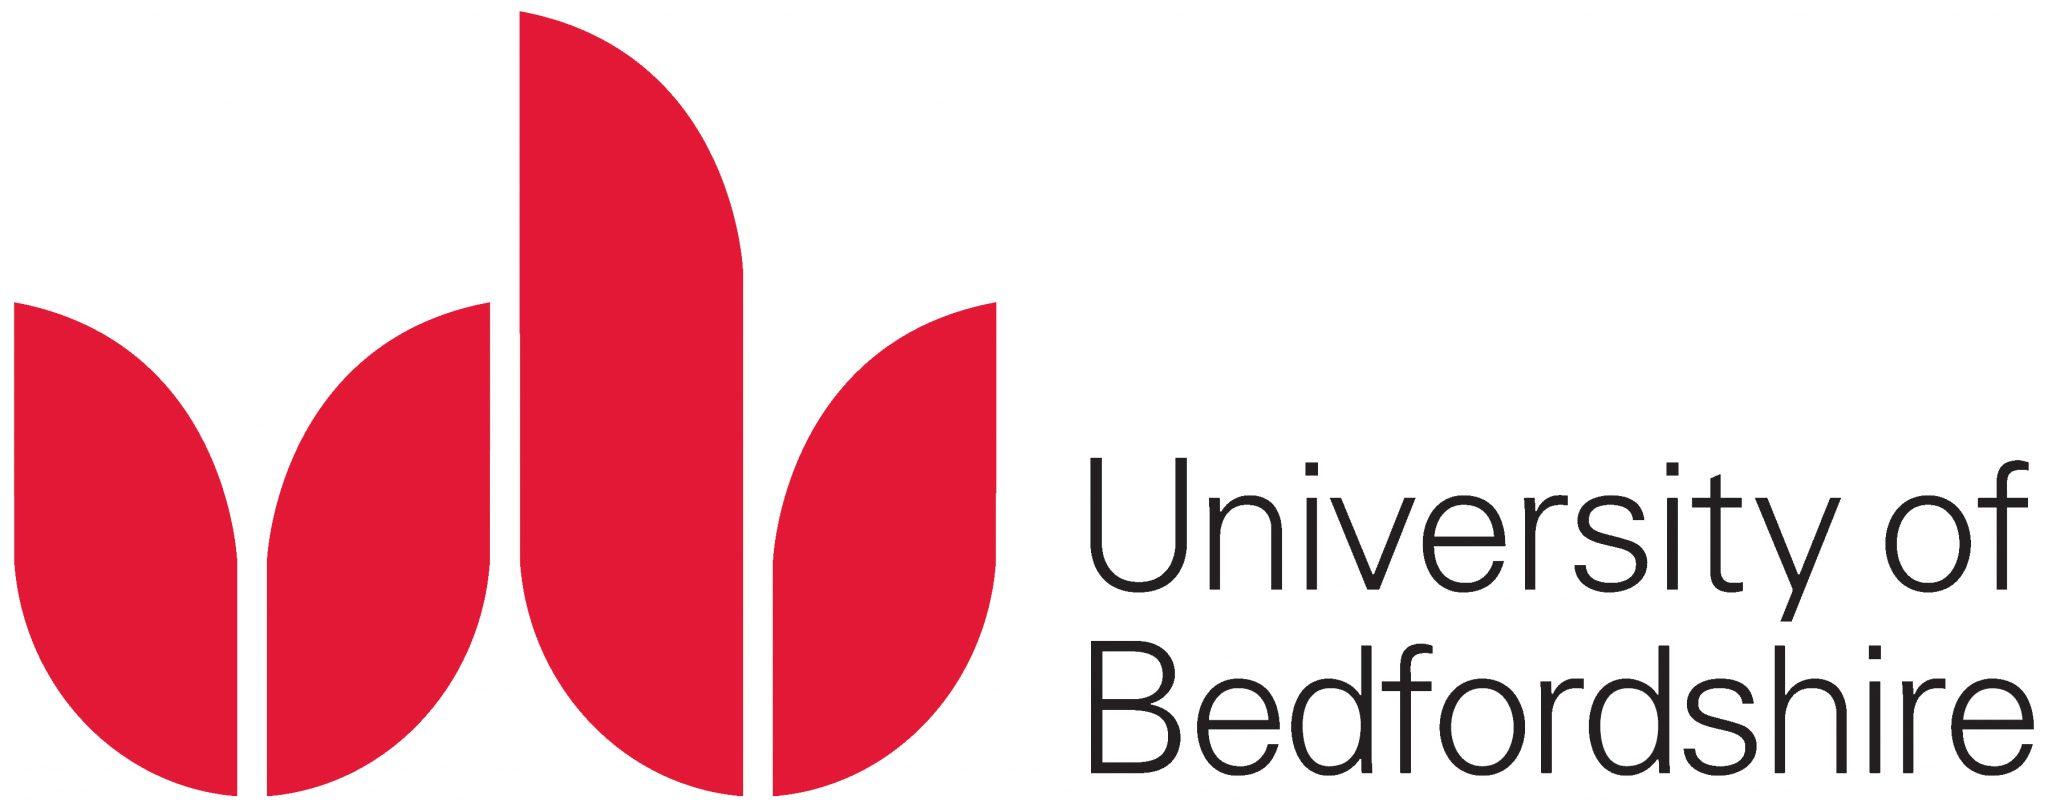 University of Bedfordshire logo - JPEG